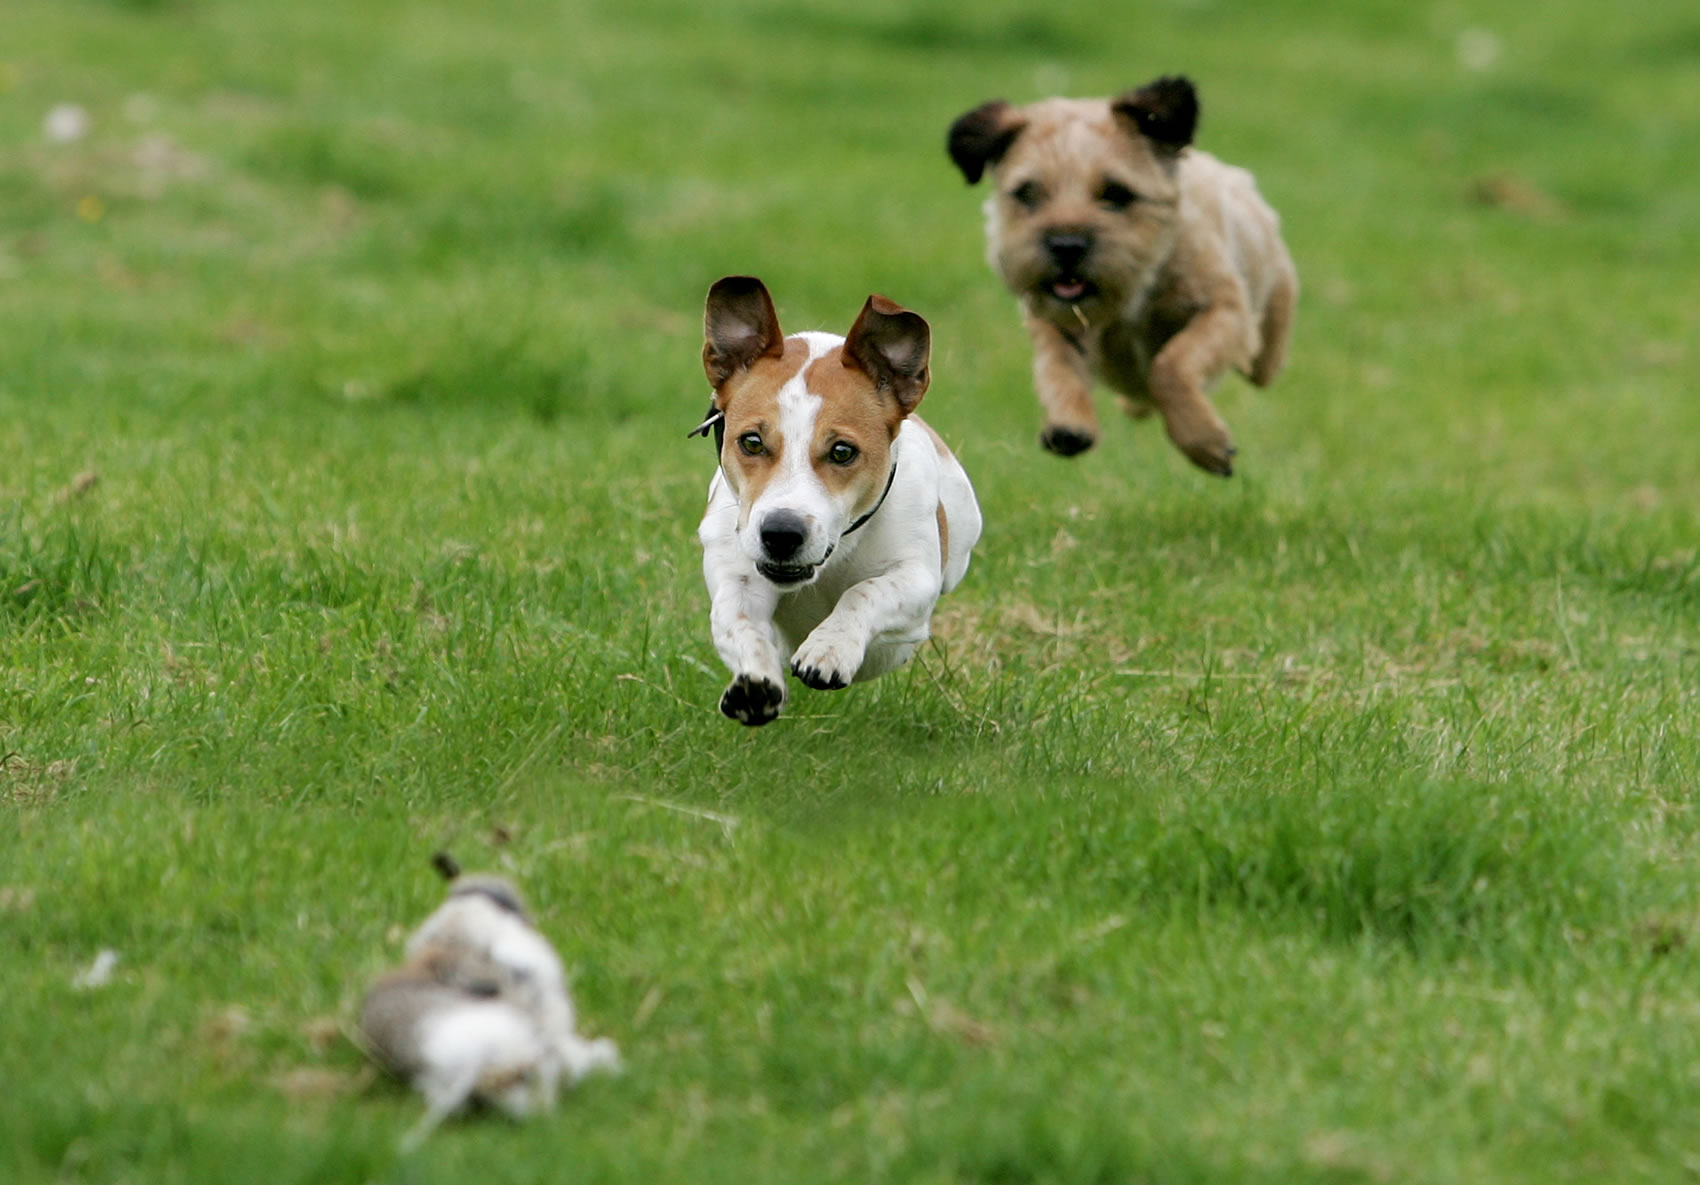 Terrier racing